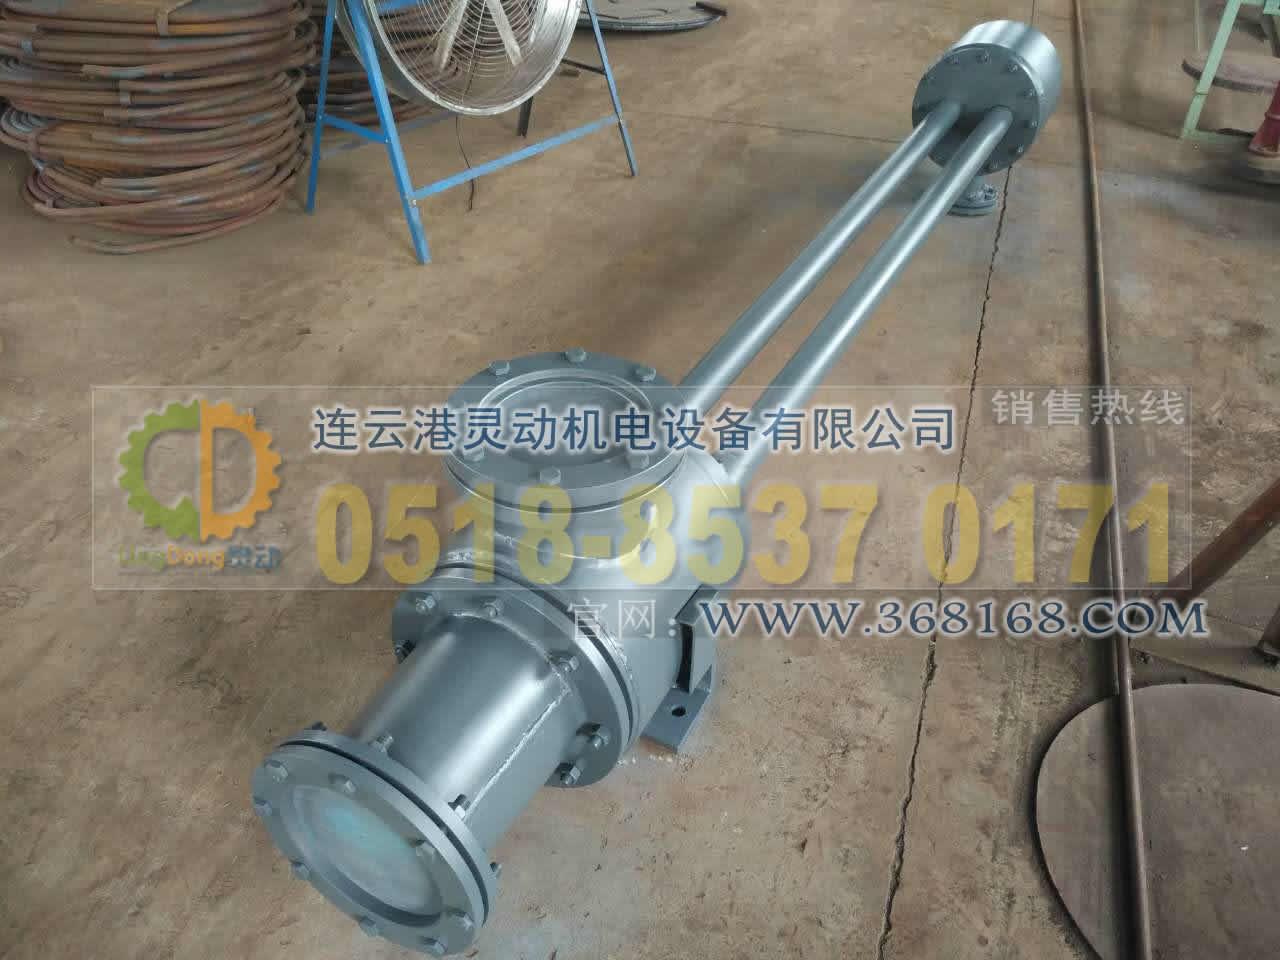 新型蜗旋缓冲式射水抽气器制造,凝汽器射水抽气器生产厂家